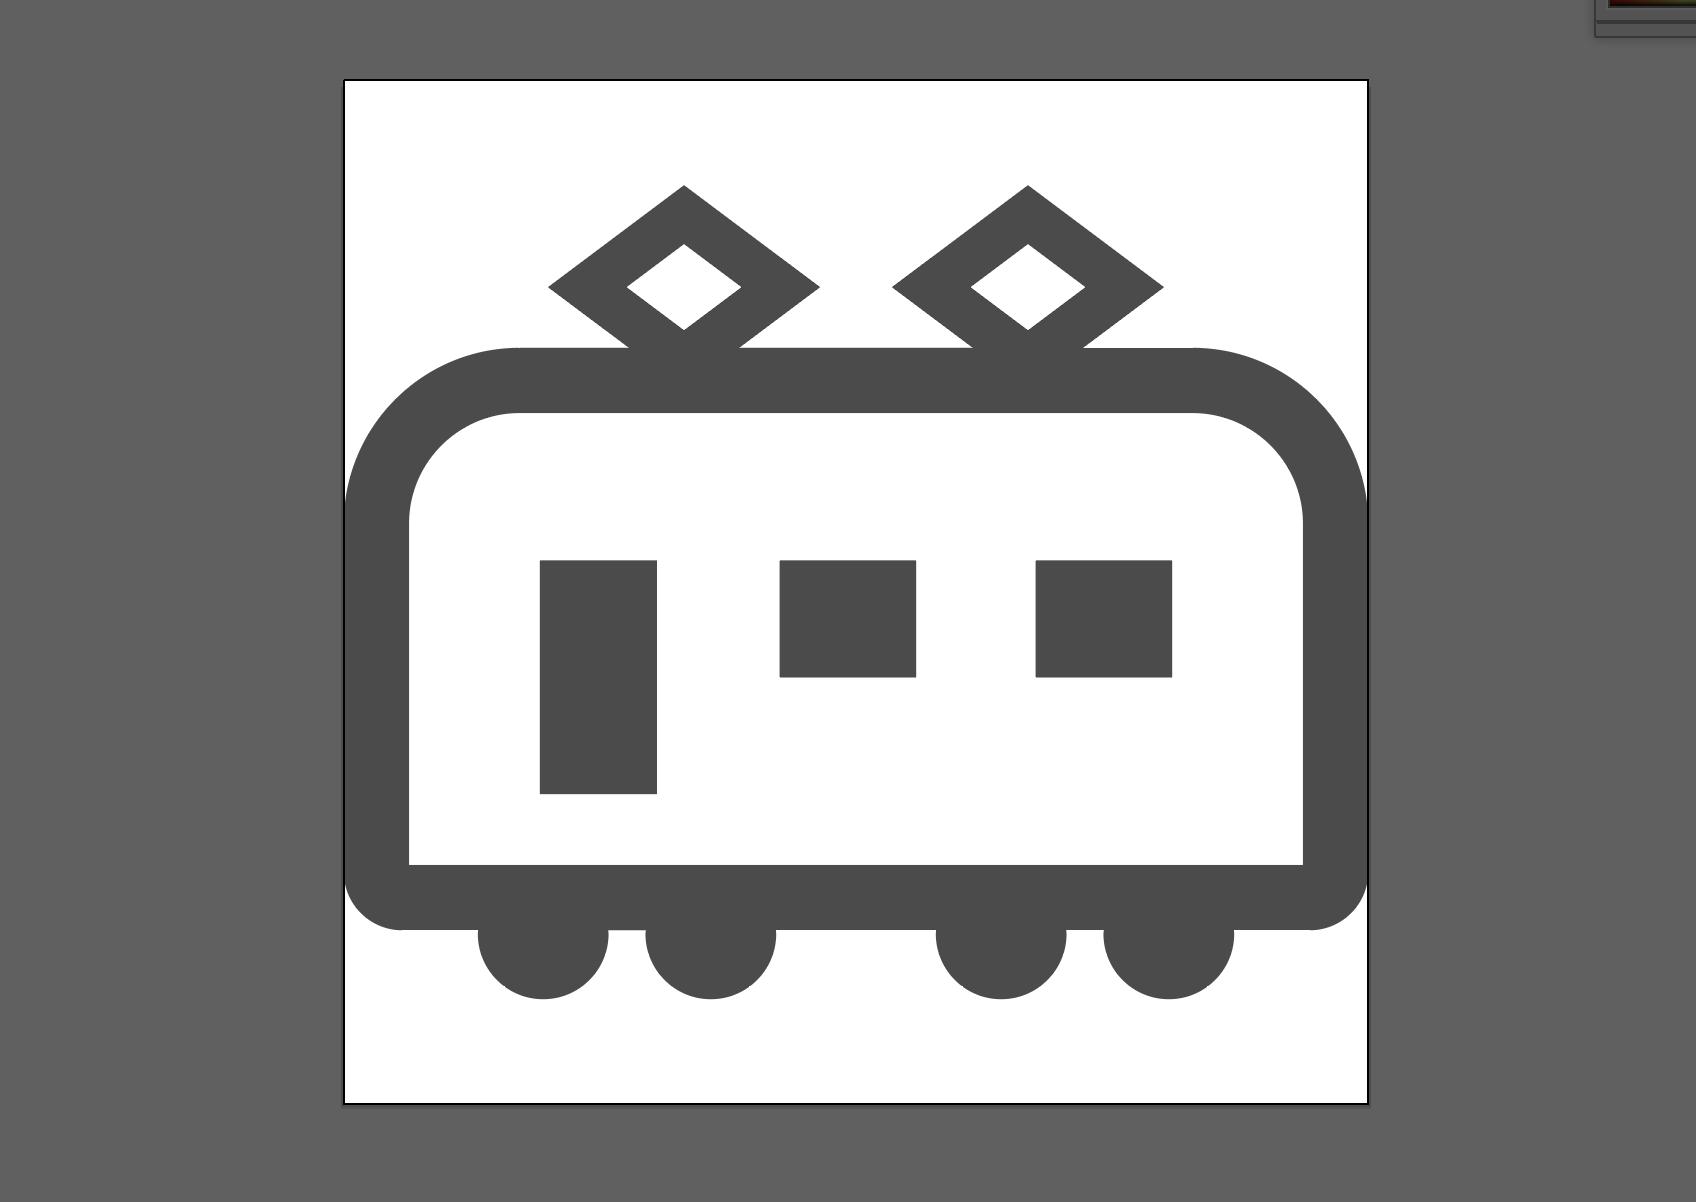 スクリーンショット 2018-06-23 21.15.50.png